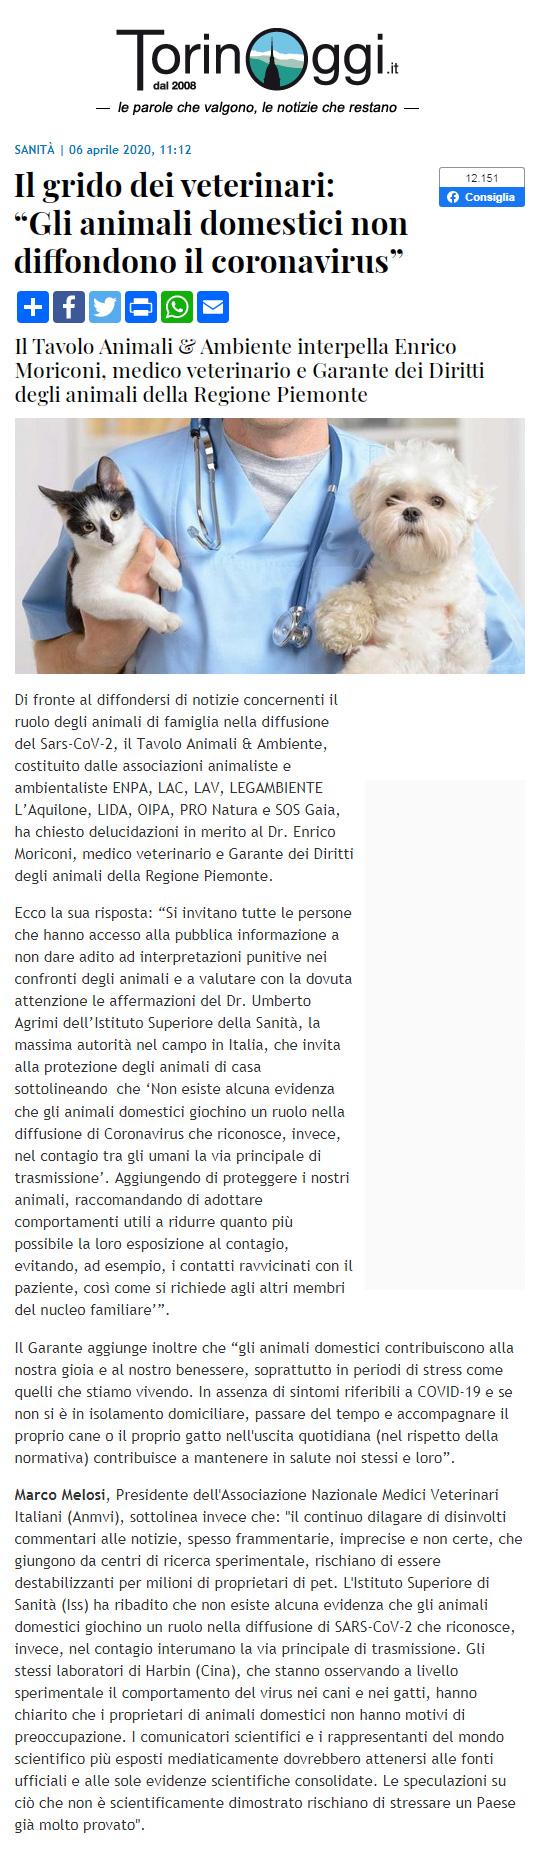 torino-oggi-6-aprile-2020-Il-grido-dei-veterinari-gli-animali-domestici-non-diffondono-il-coronavirus.jpg